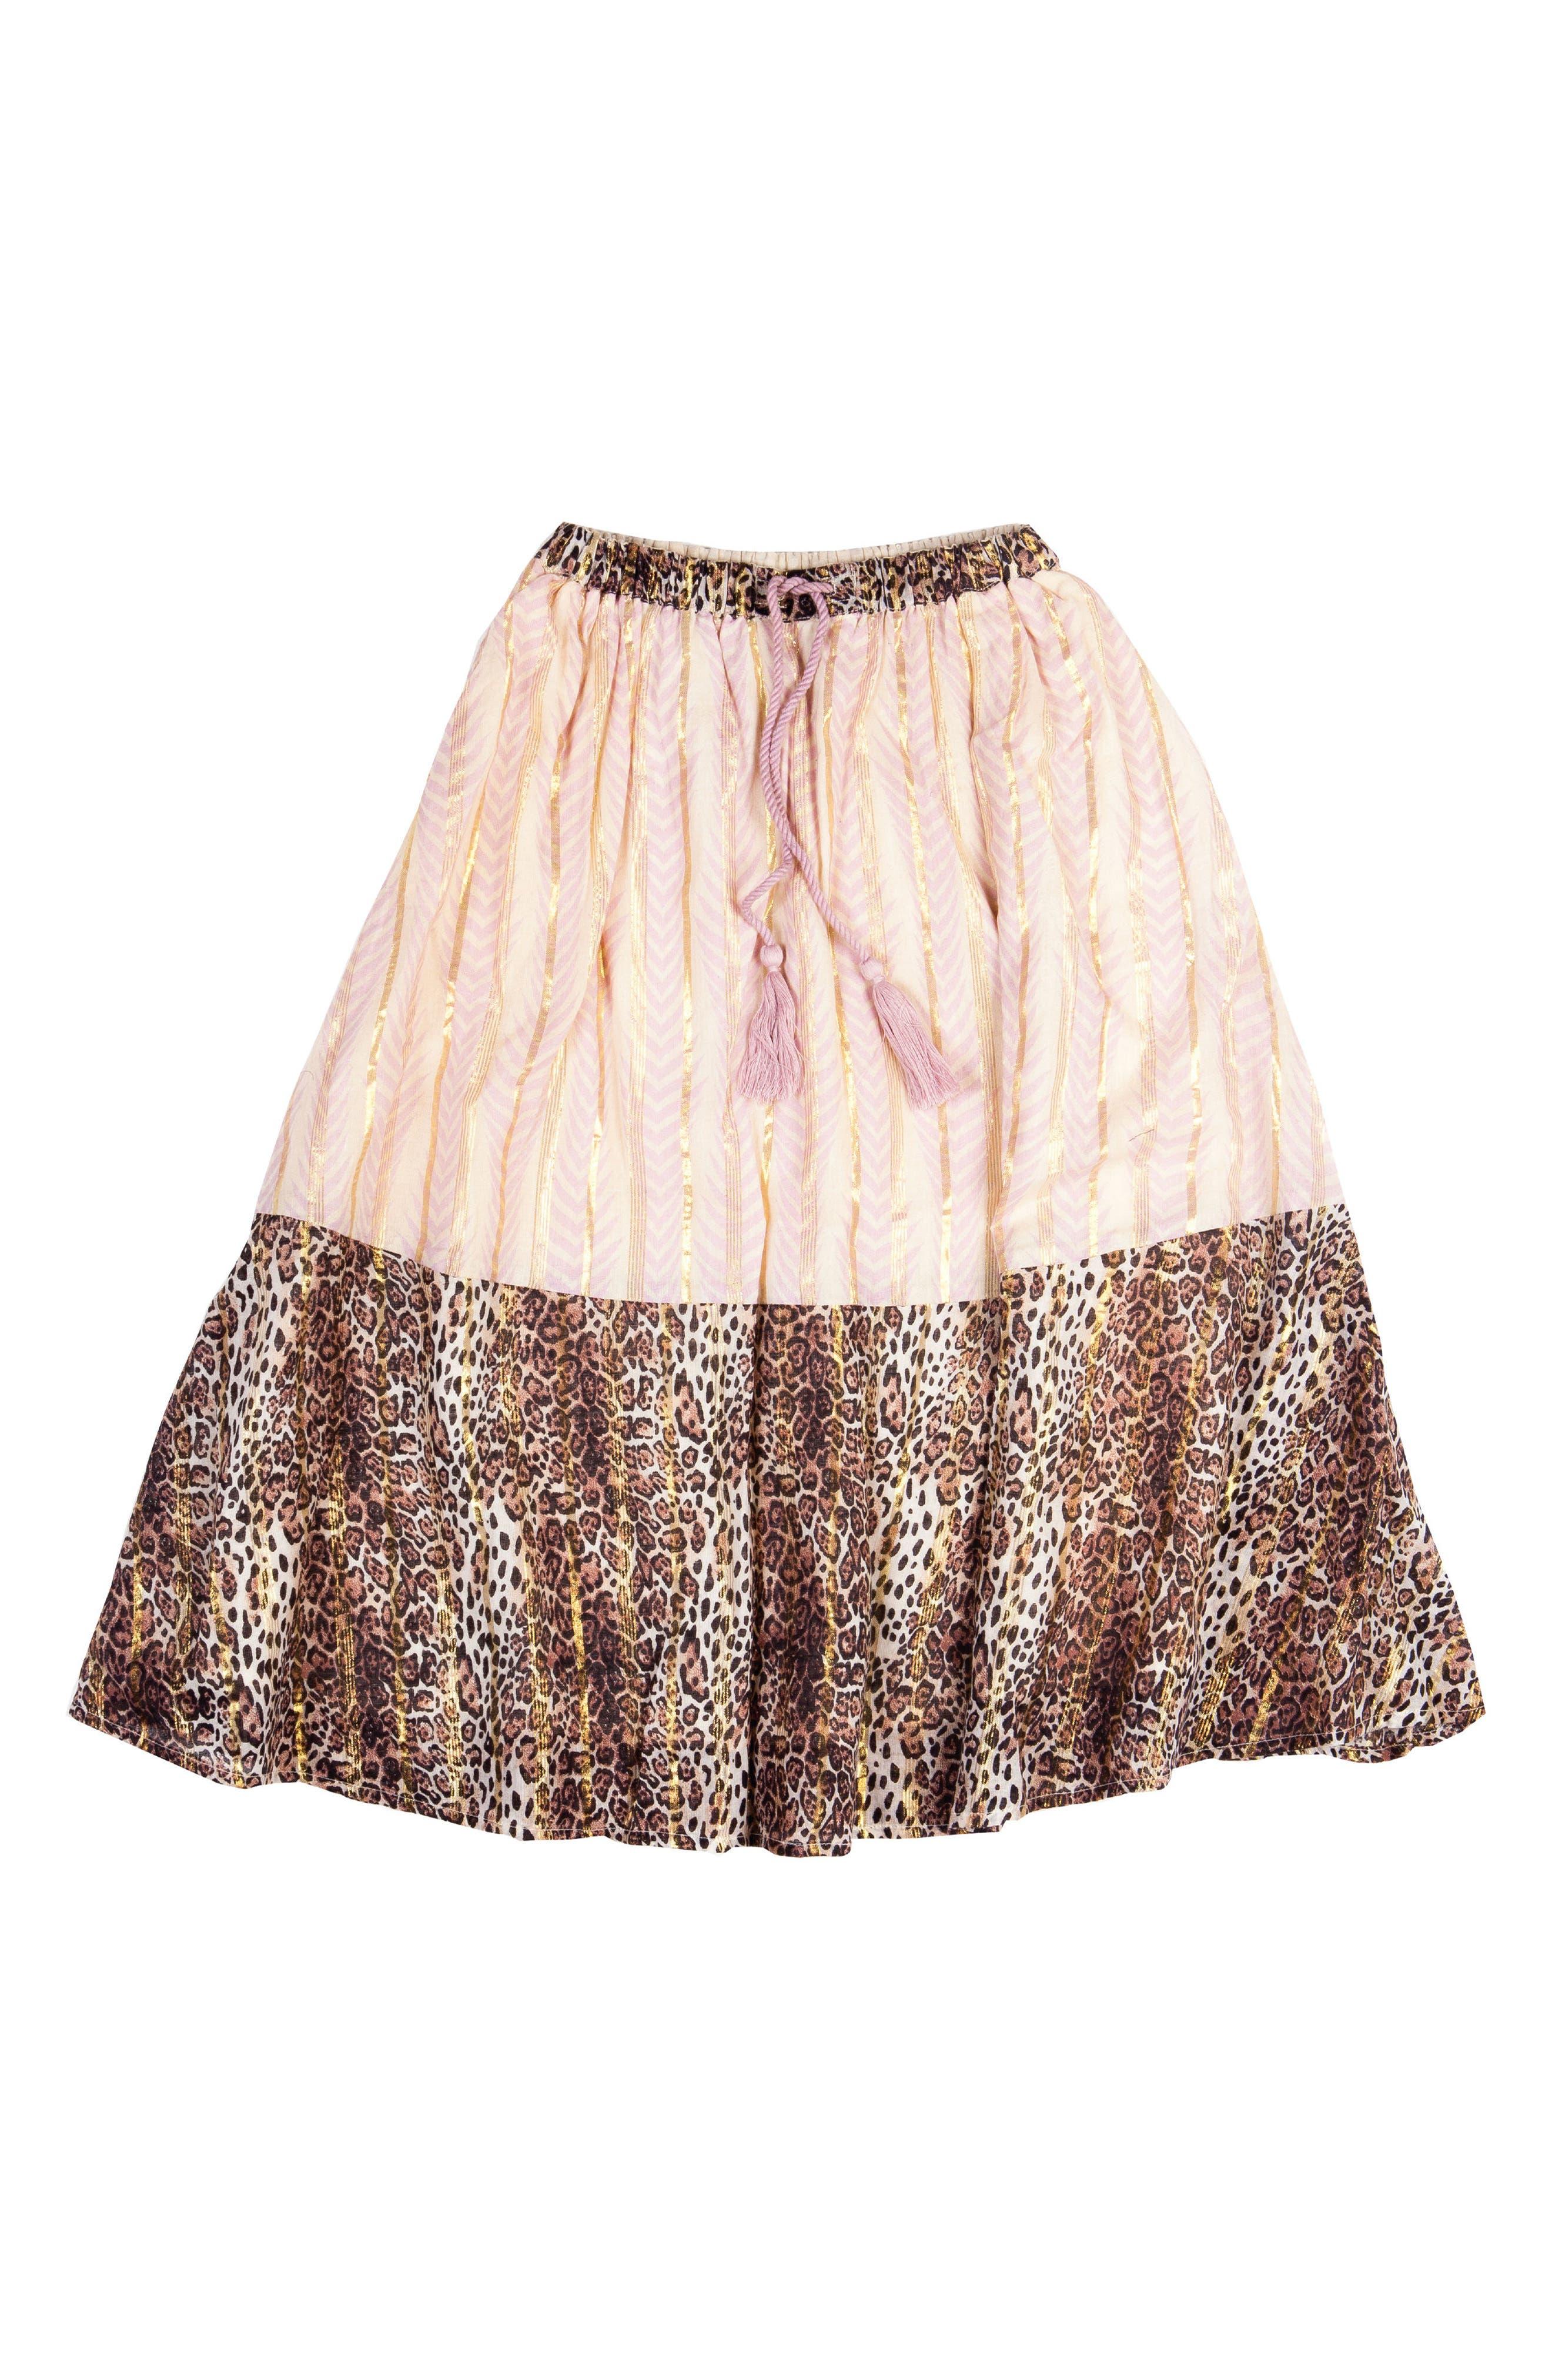 BOWIE X JAMES Print Skirt (Toddler Girls, Little Girls & Big Girls)